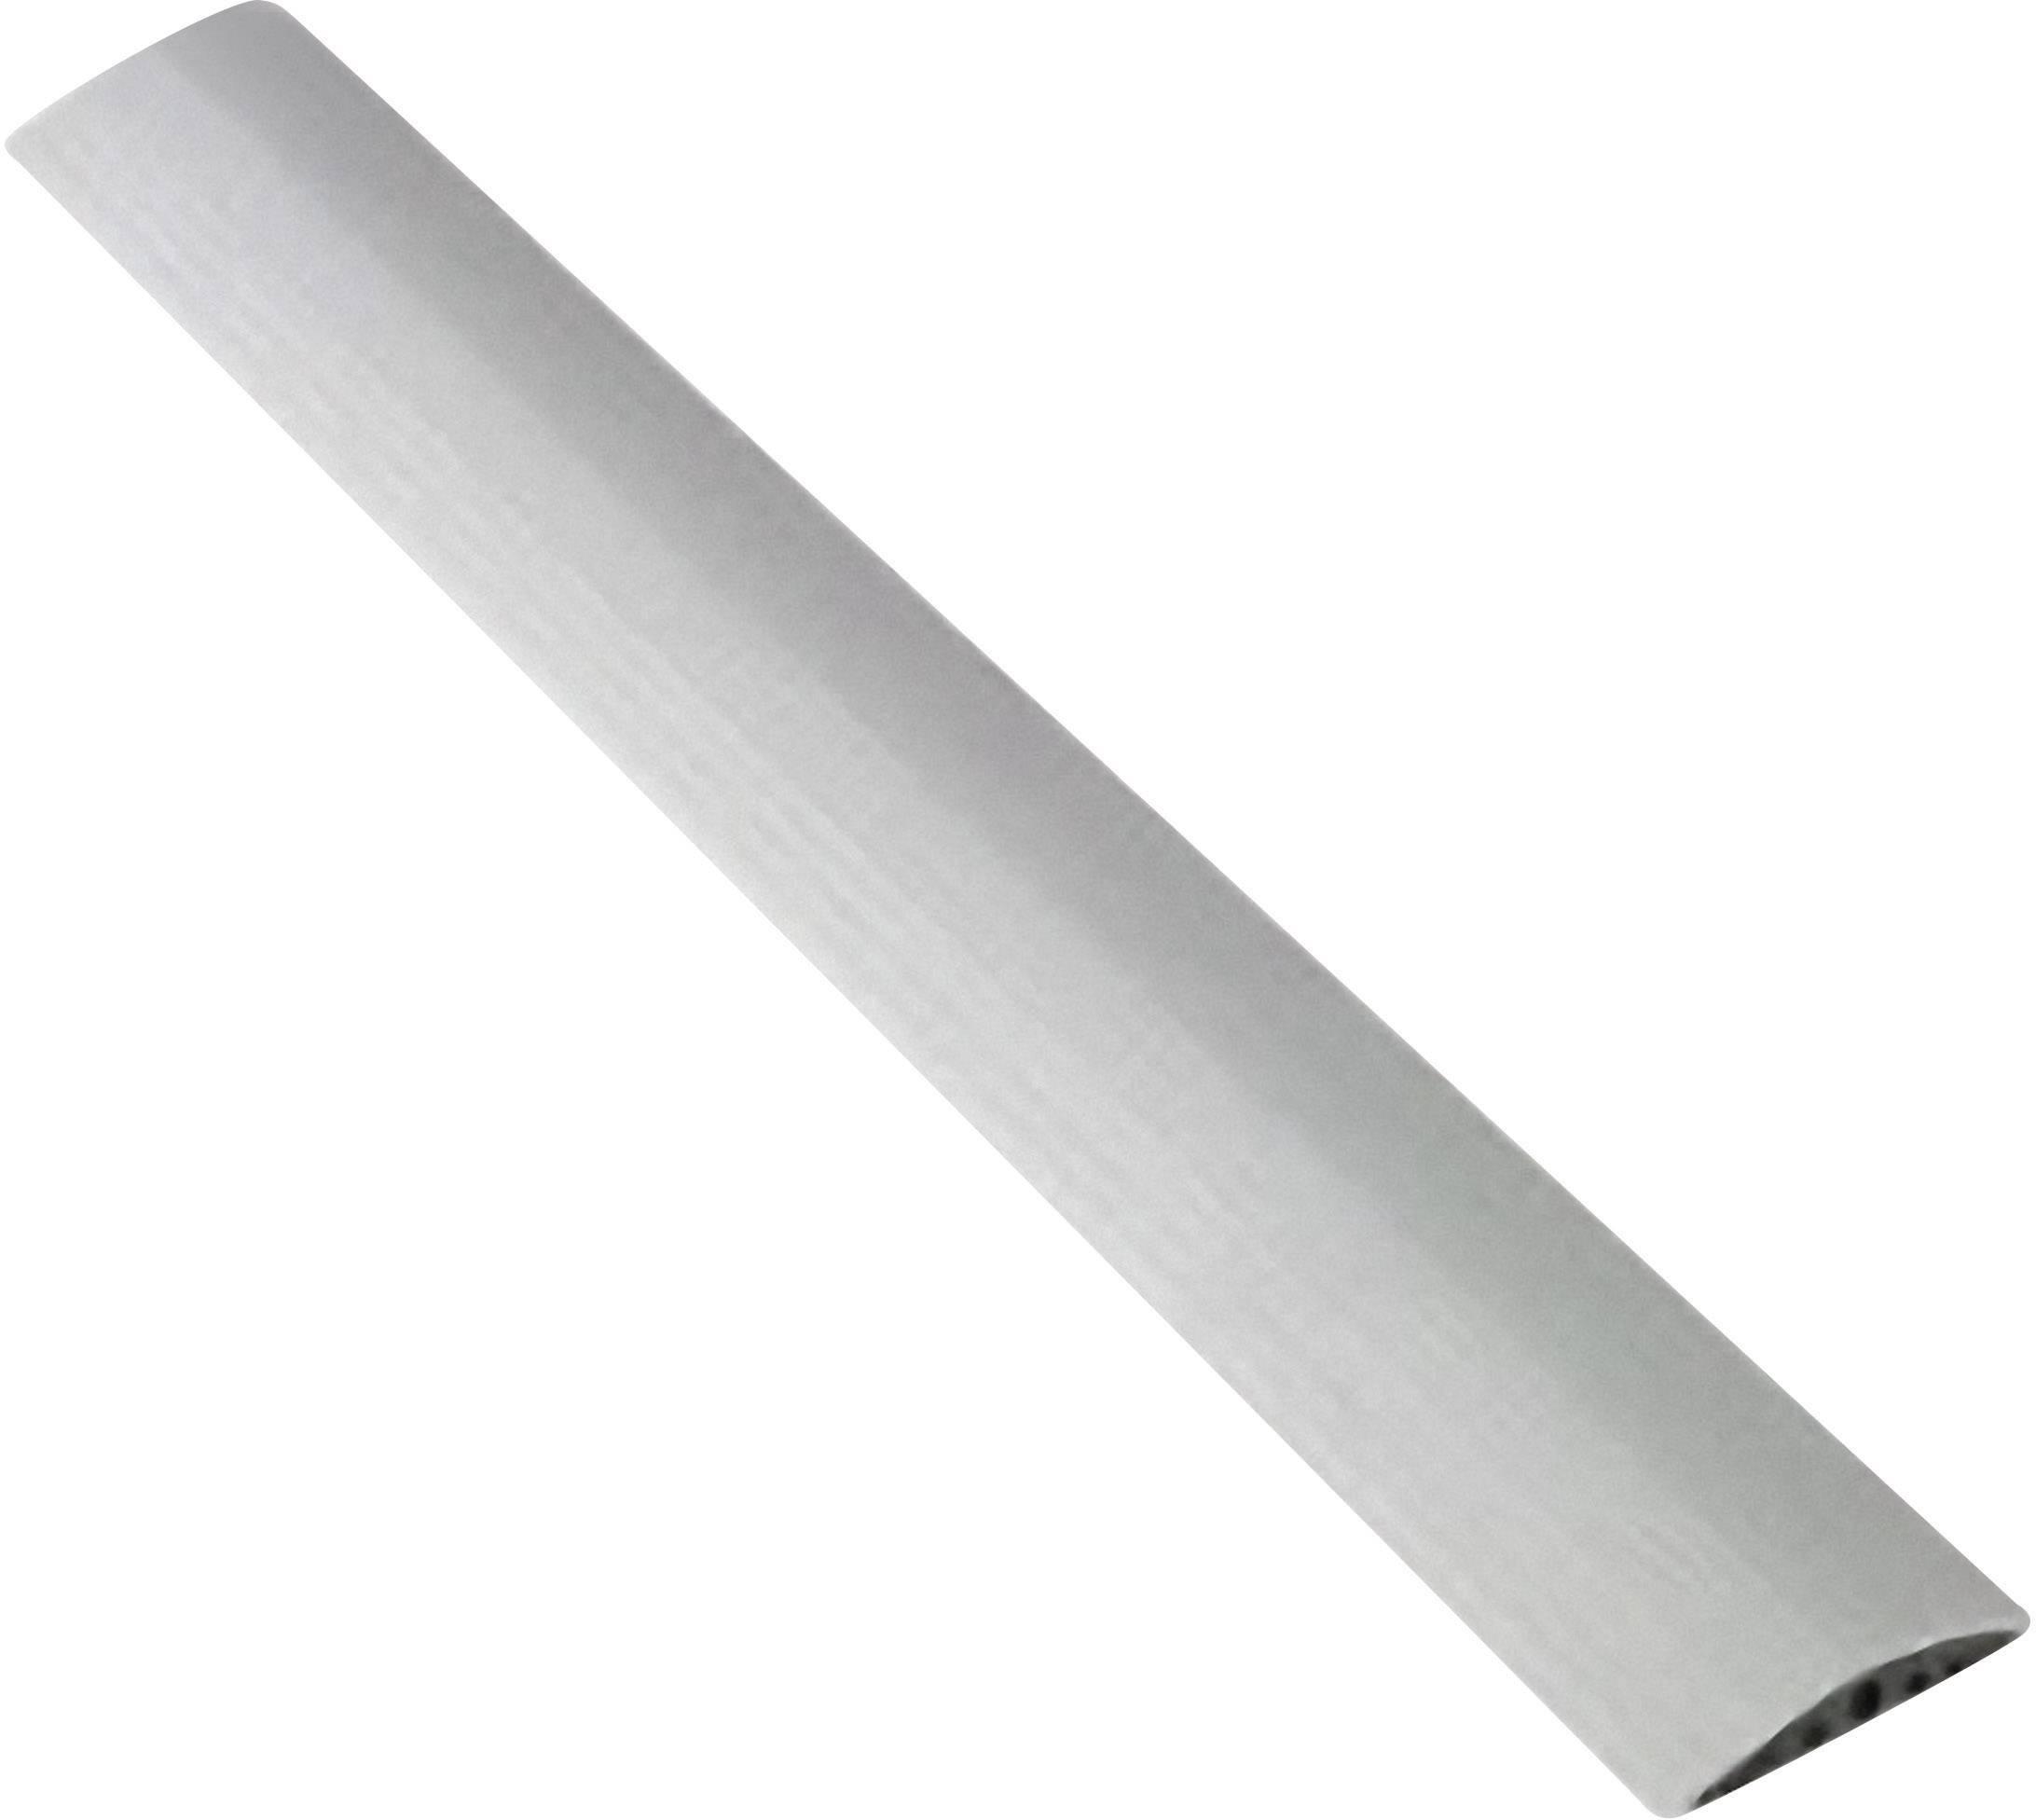 Kabelový můstek Serpa 5.01038.7042, 3 m x 150 mm, šedá